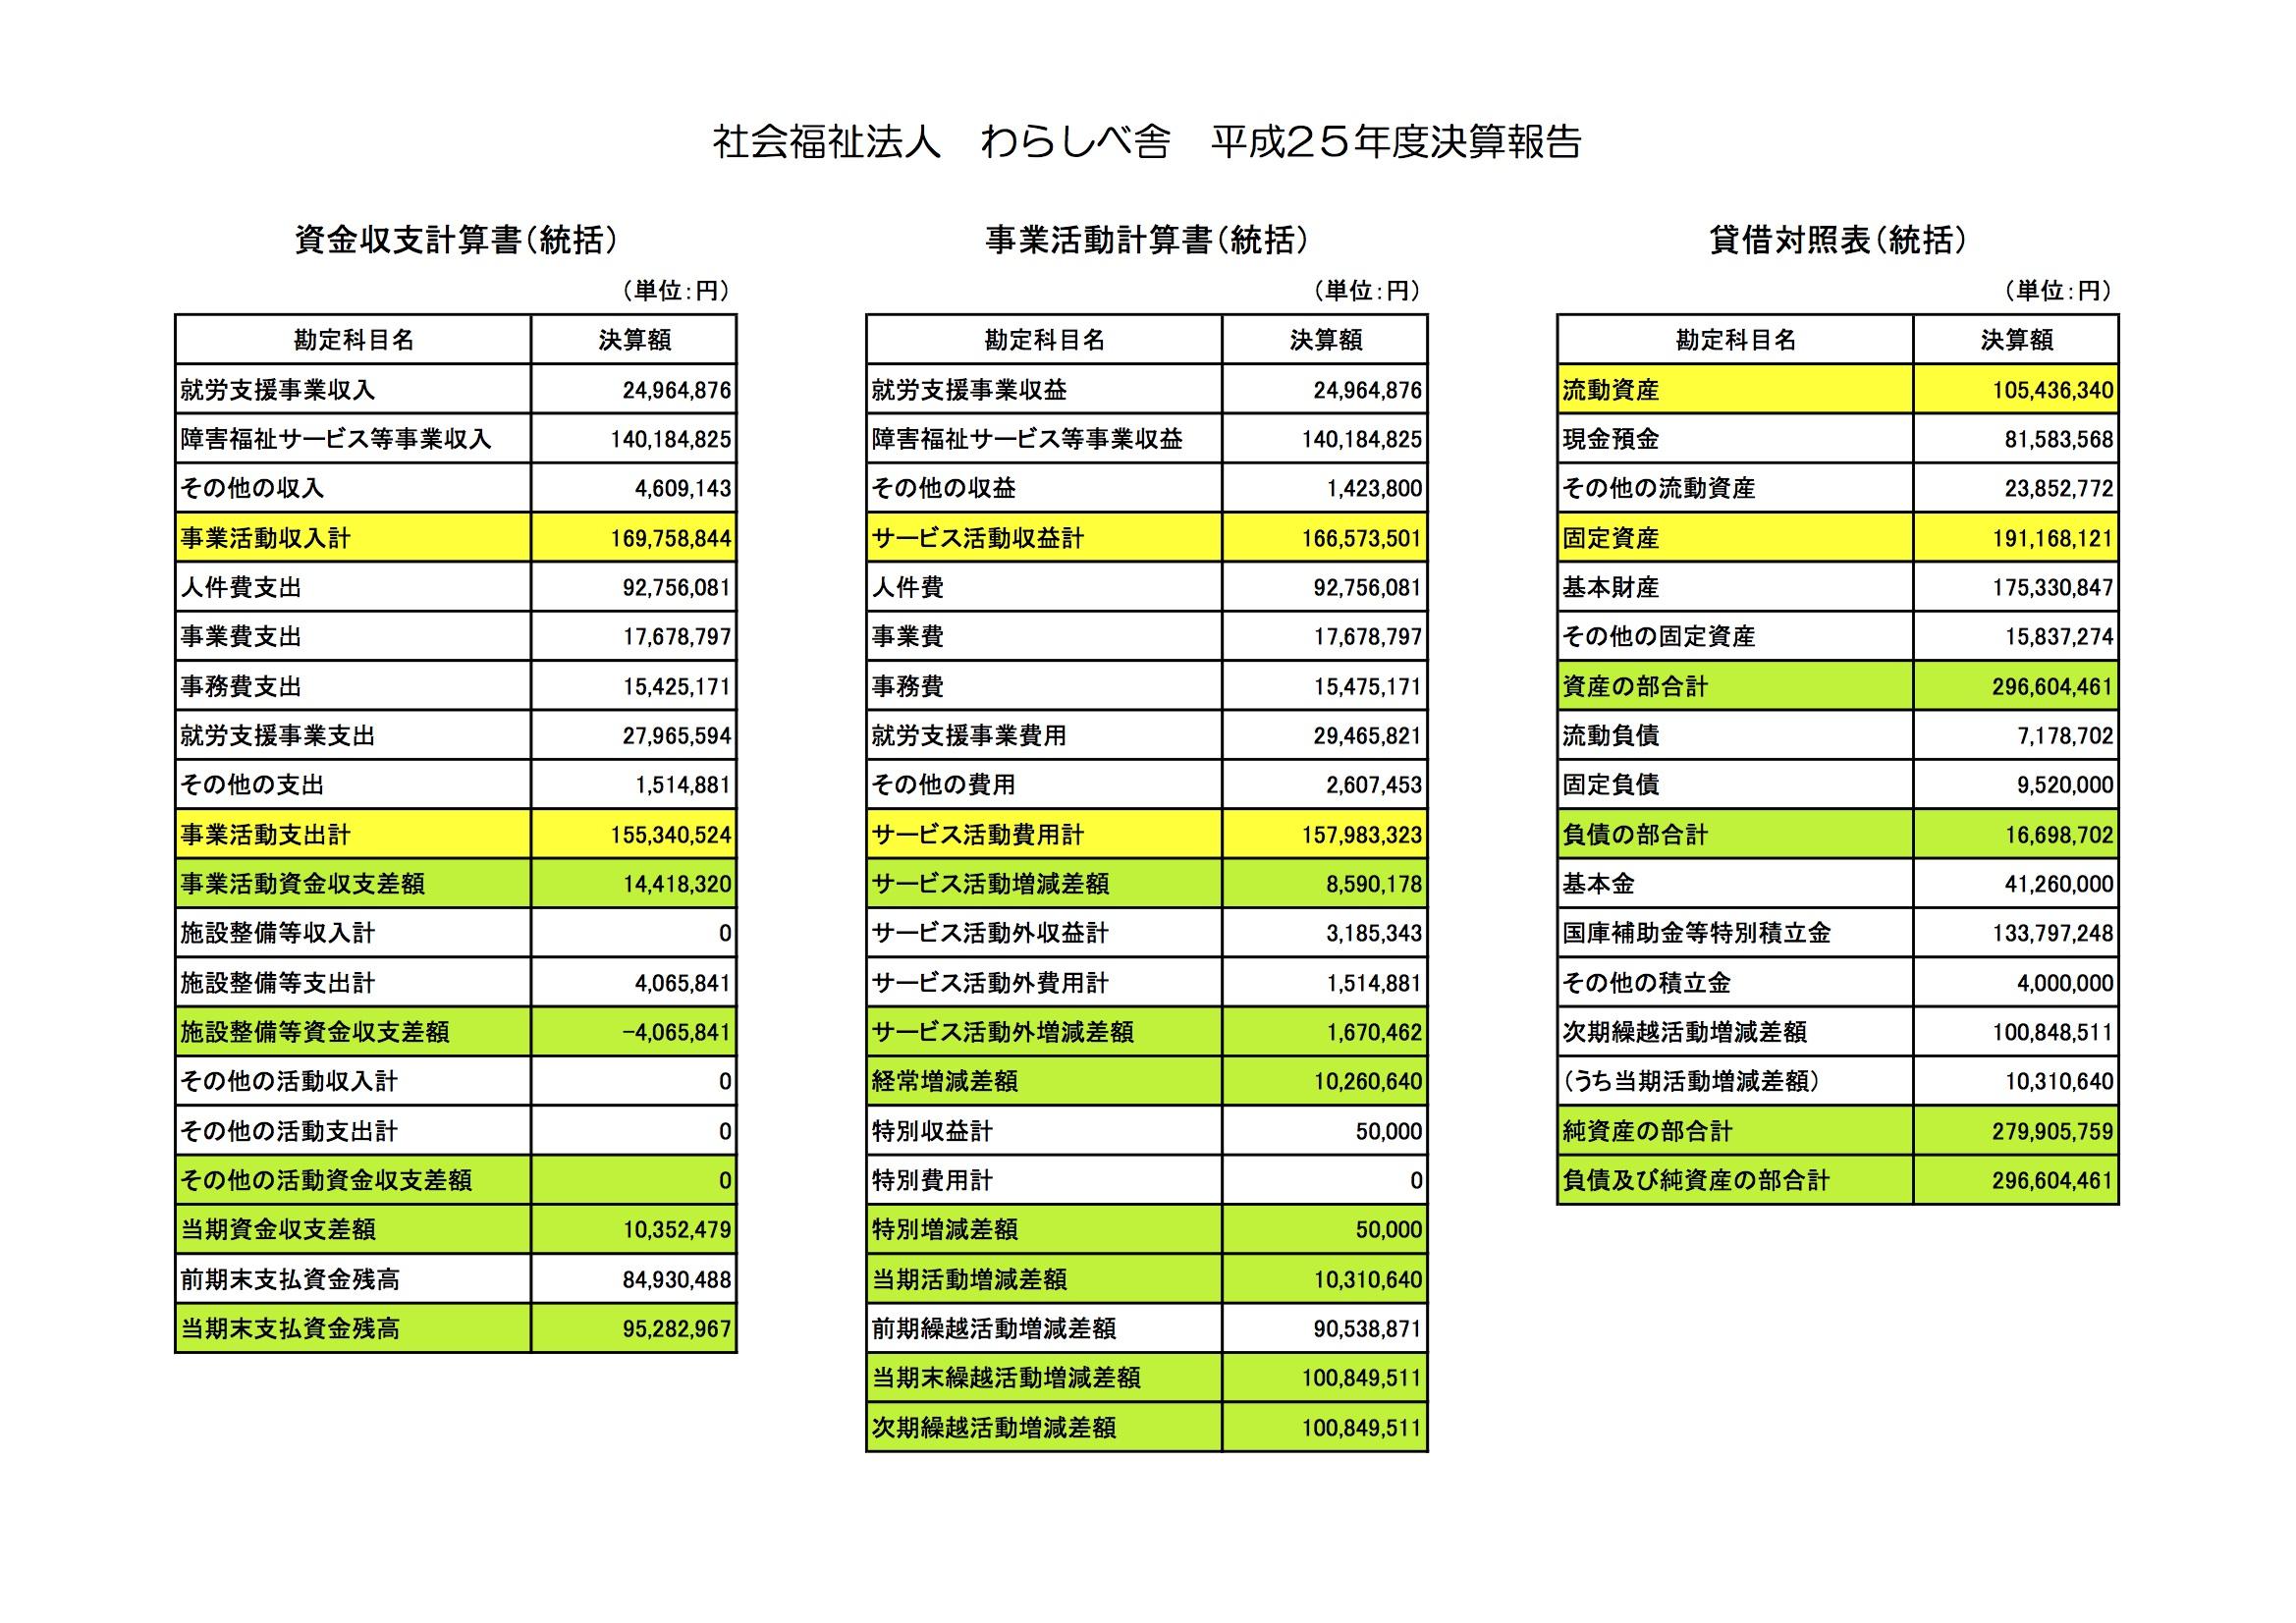 公開用財務諸表 のコピー